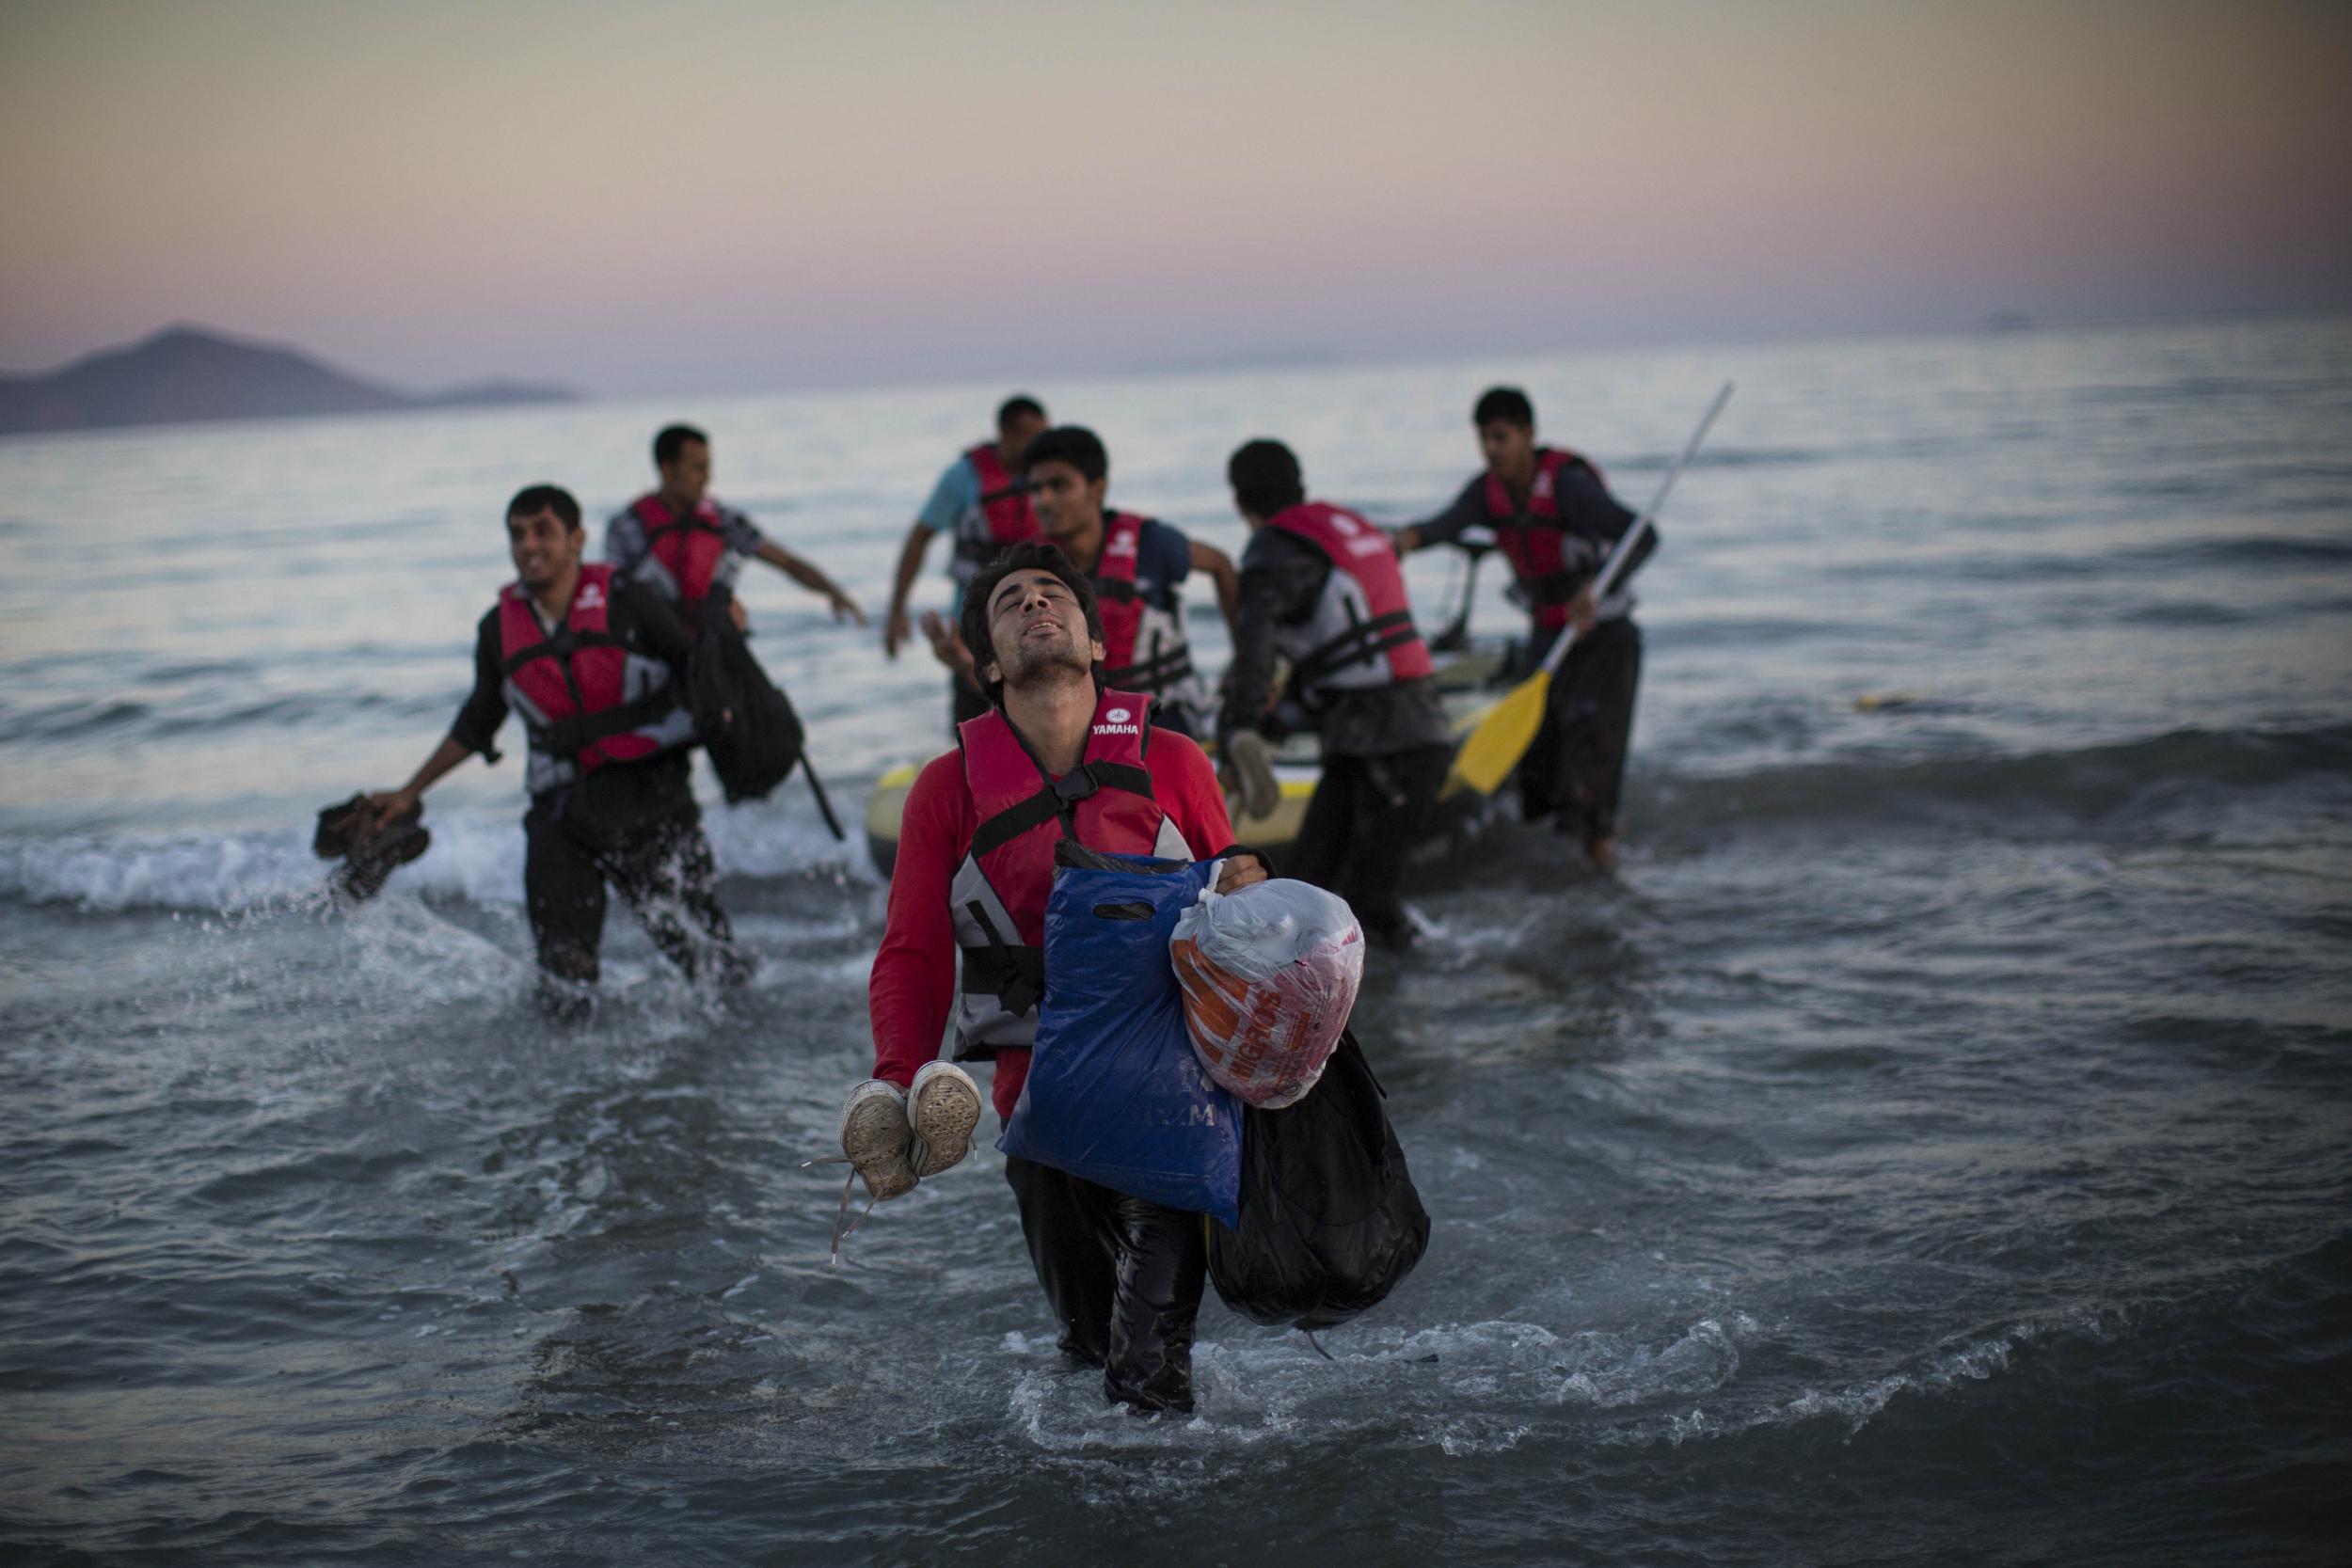 """Μεταναστευτικό: """"Κραυγή αγωνίας"""" από τους δημάρχους βορείου Αιγαίου"""